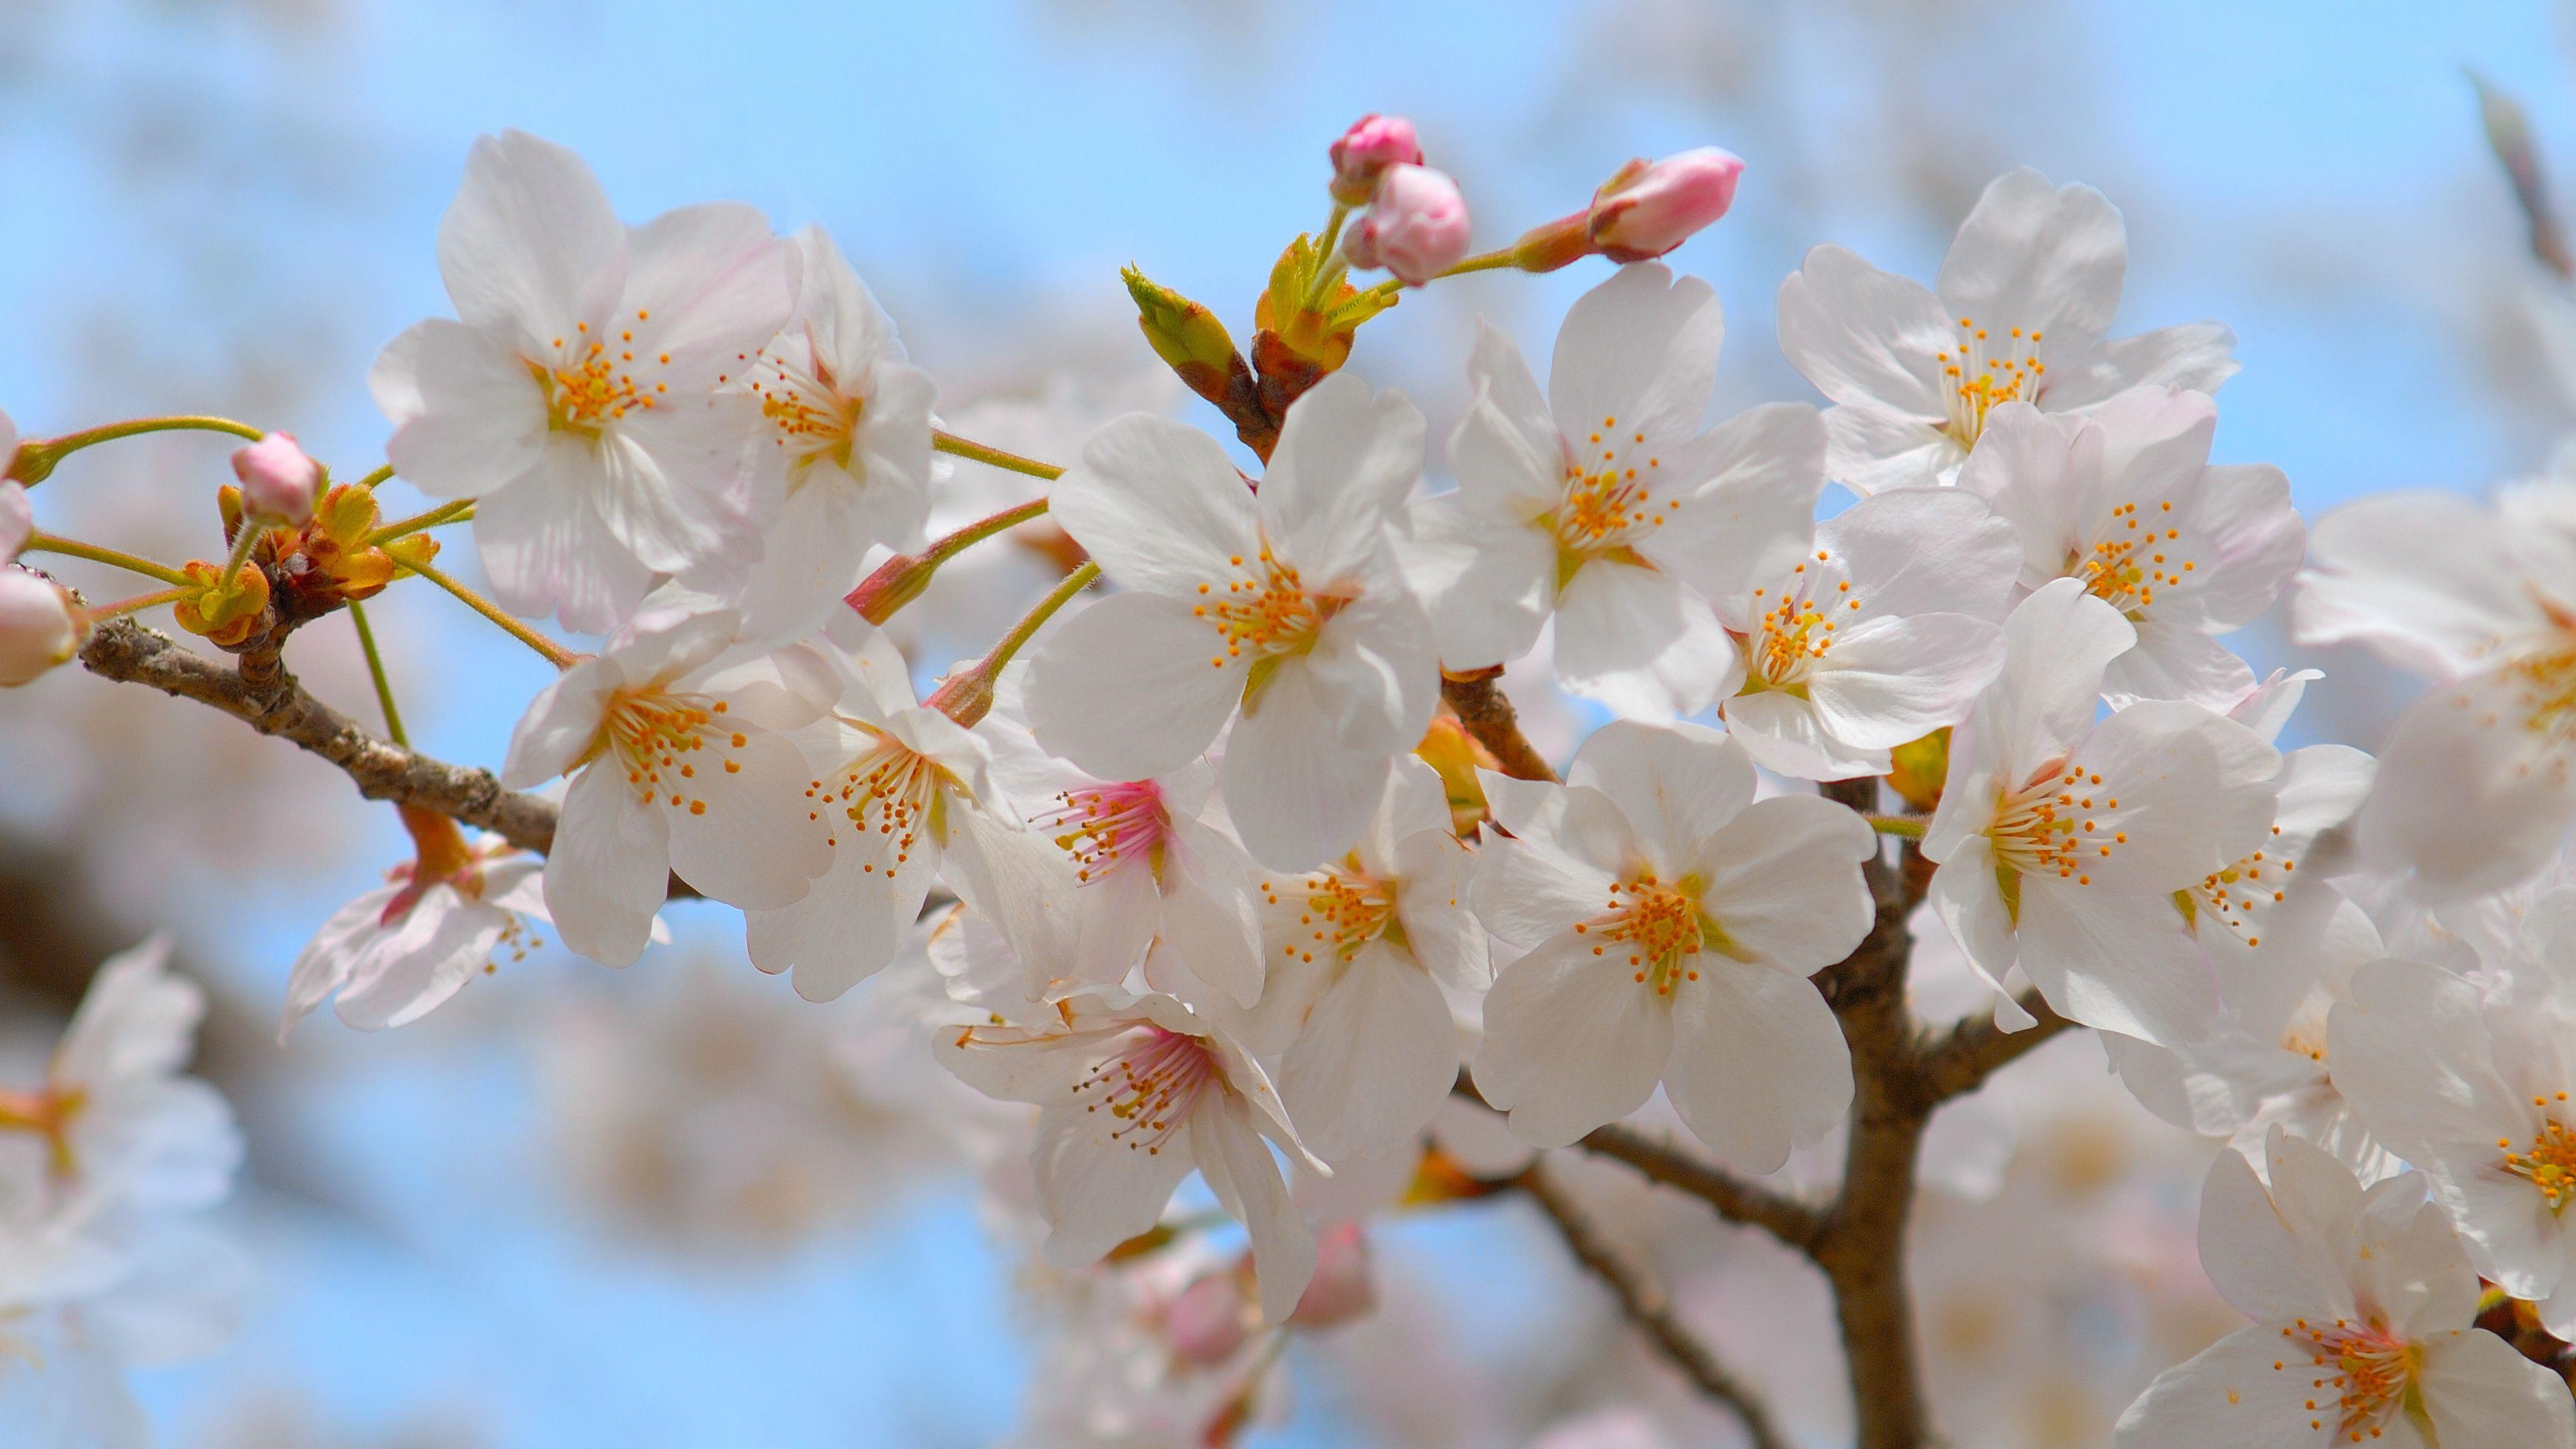 ほんわりとした優しい桜色。本物の桜を使った桜染めで春を感じよう。